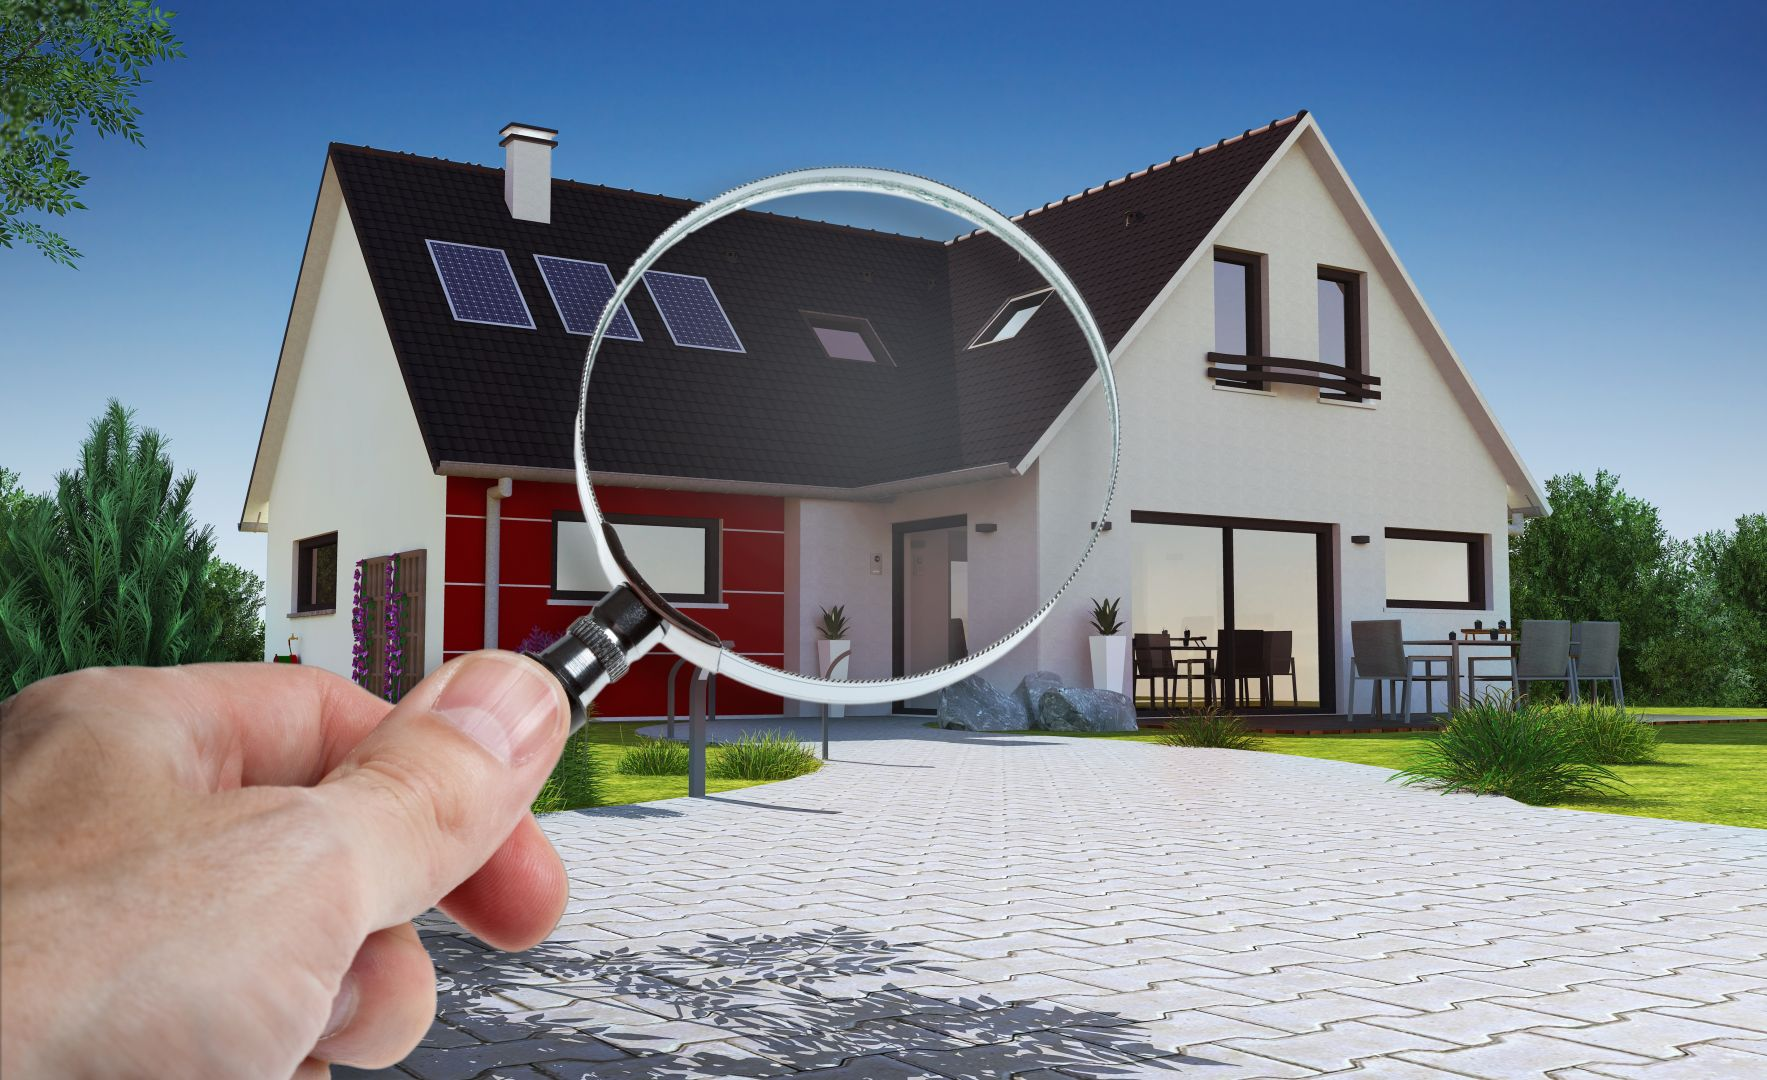 Comment évaluer des biens immobiliers avec l'approche de comparaison des ventes ?